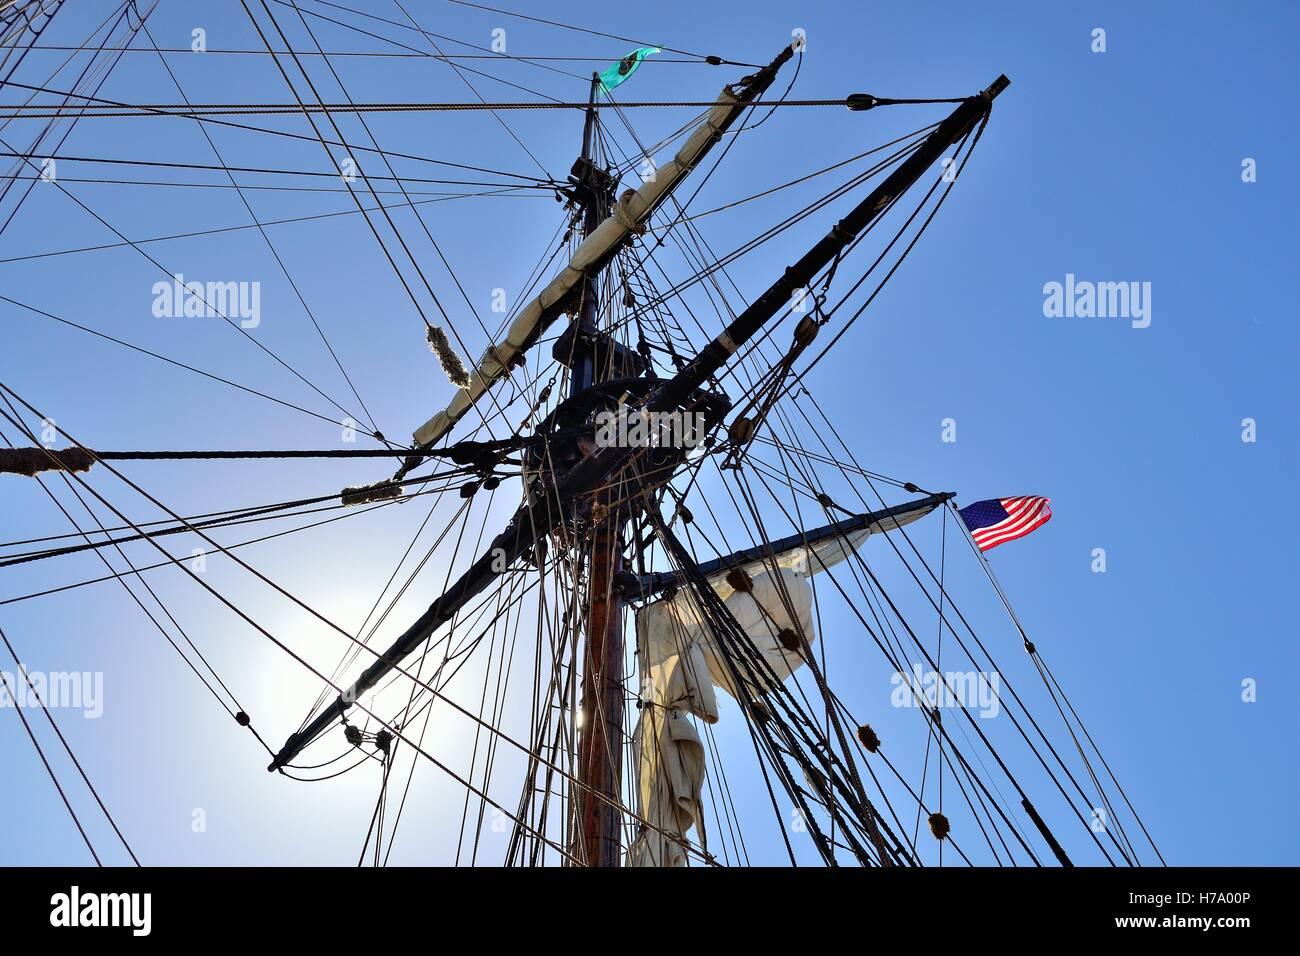 ship mast - Stock Image